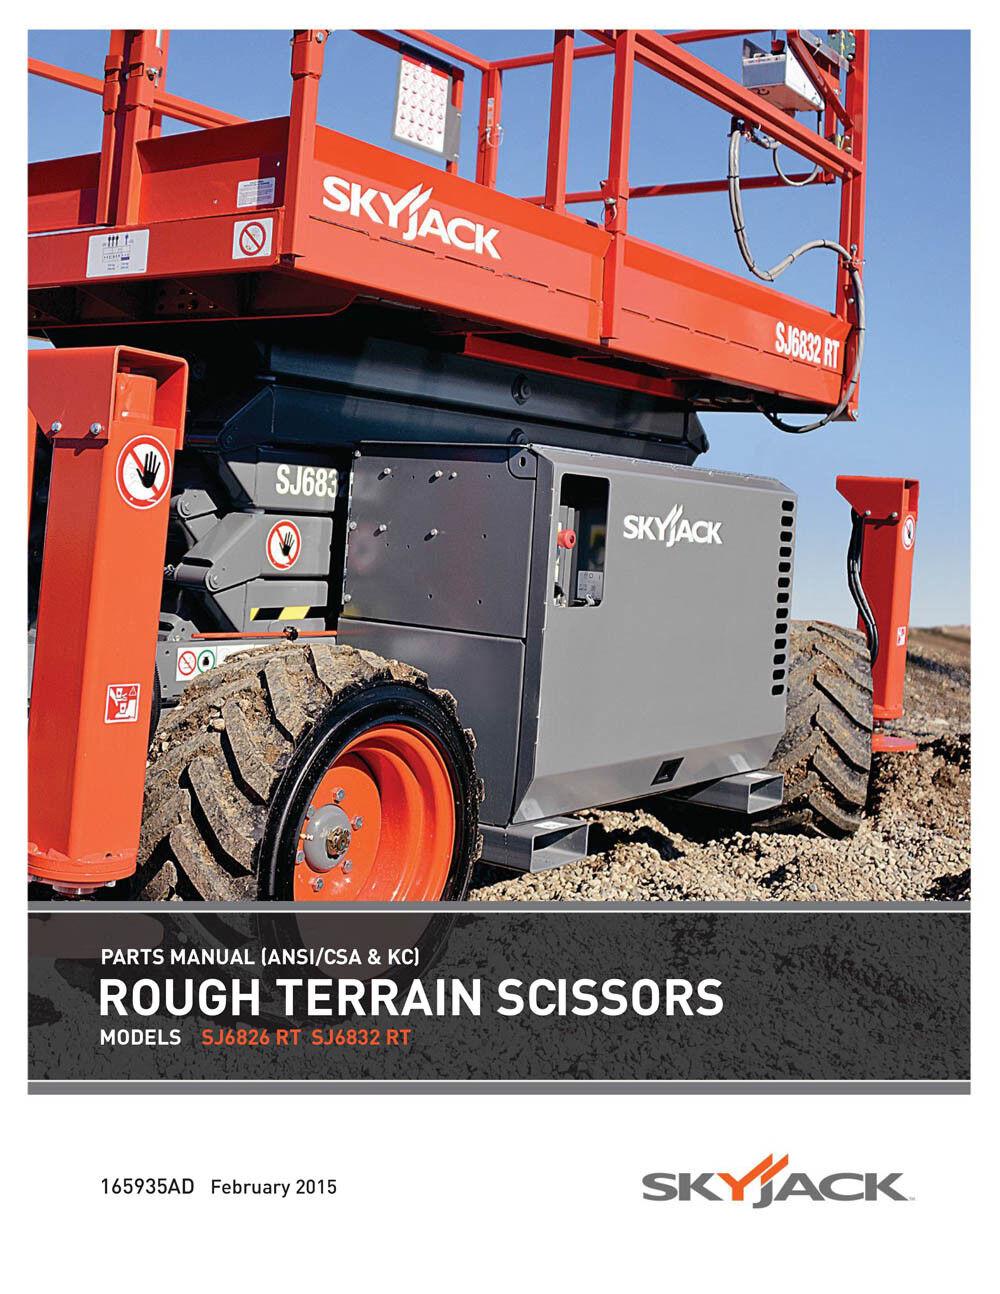 skyjack sj6826rt sj6832rt parts manual rough terrain scissors 165935ad Skyjack SJIII 3220 Scissor Lift Wiring Diagram